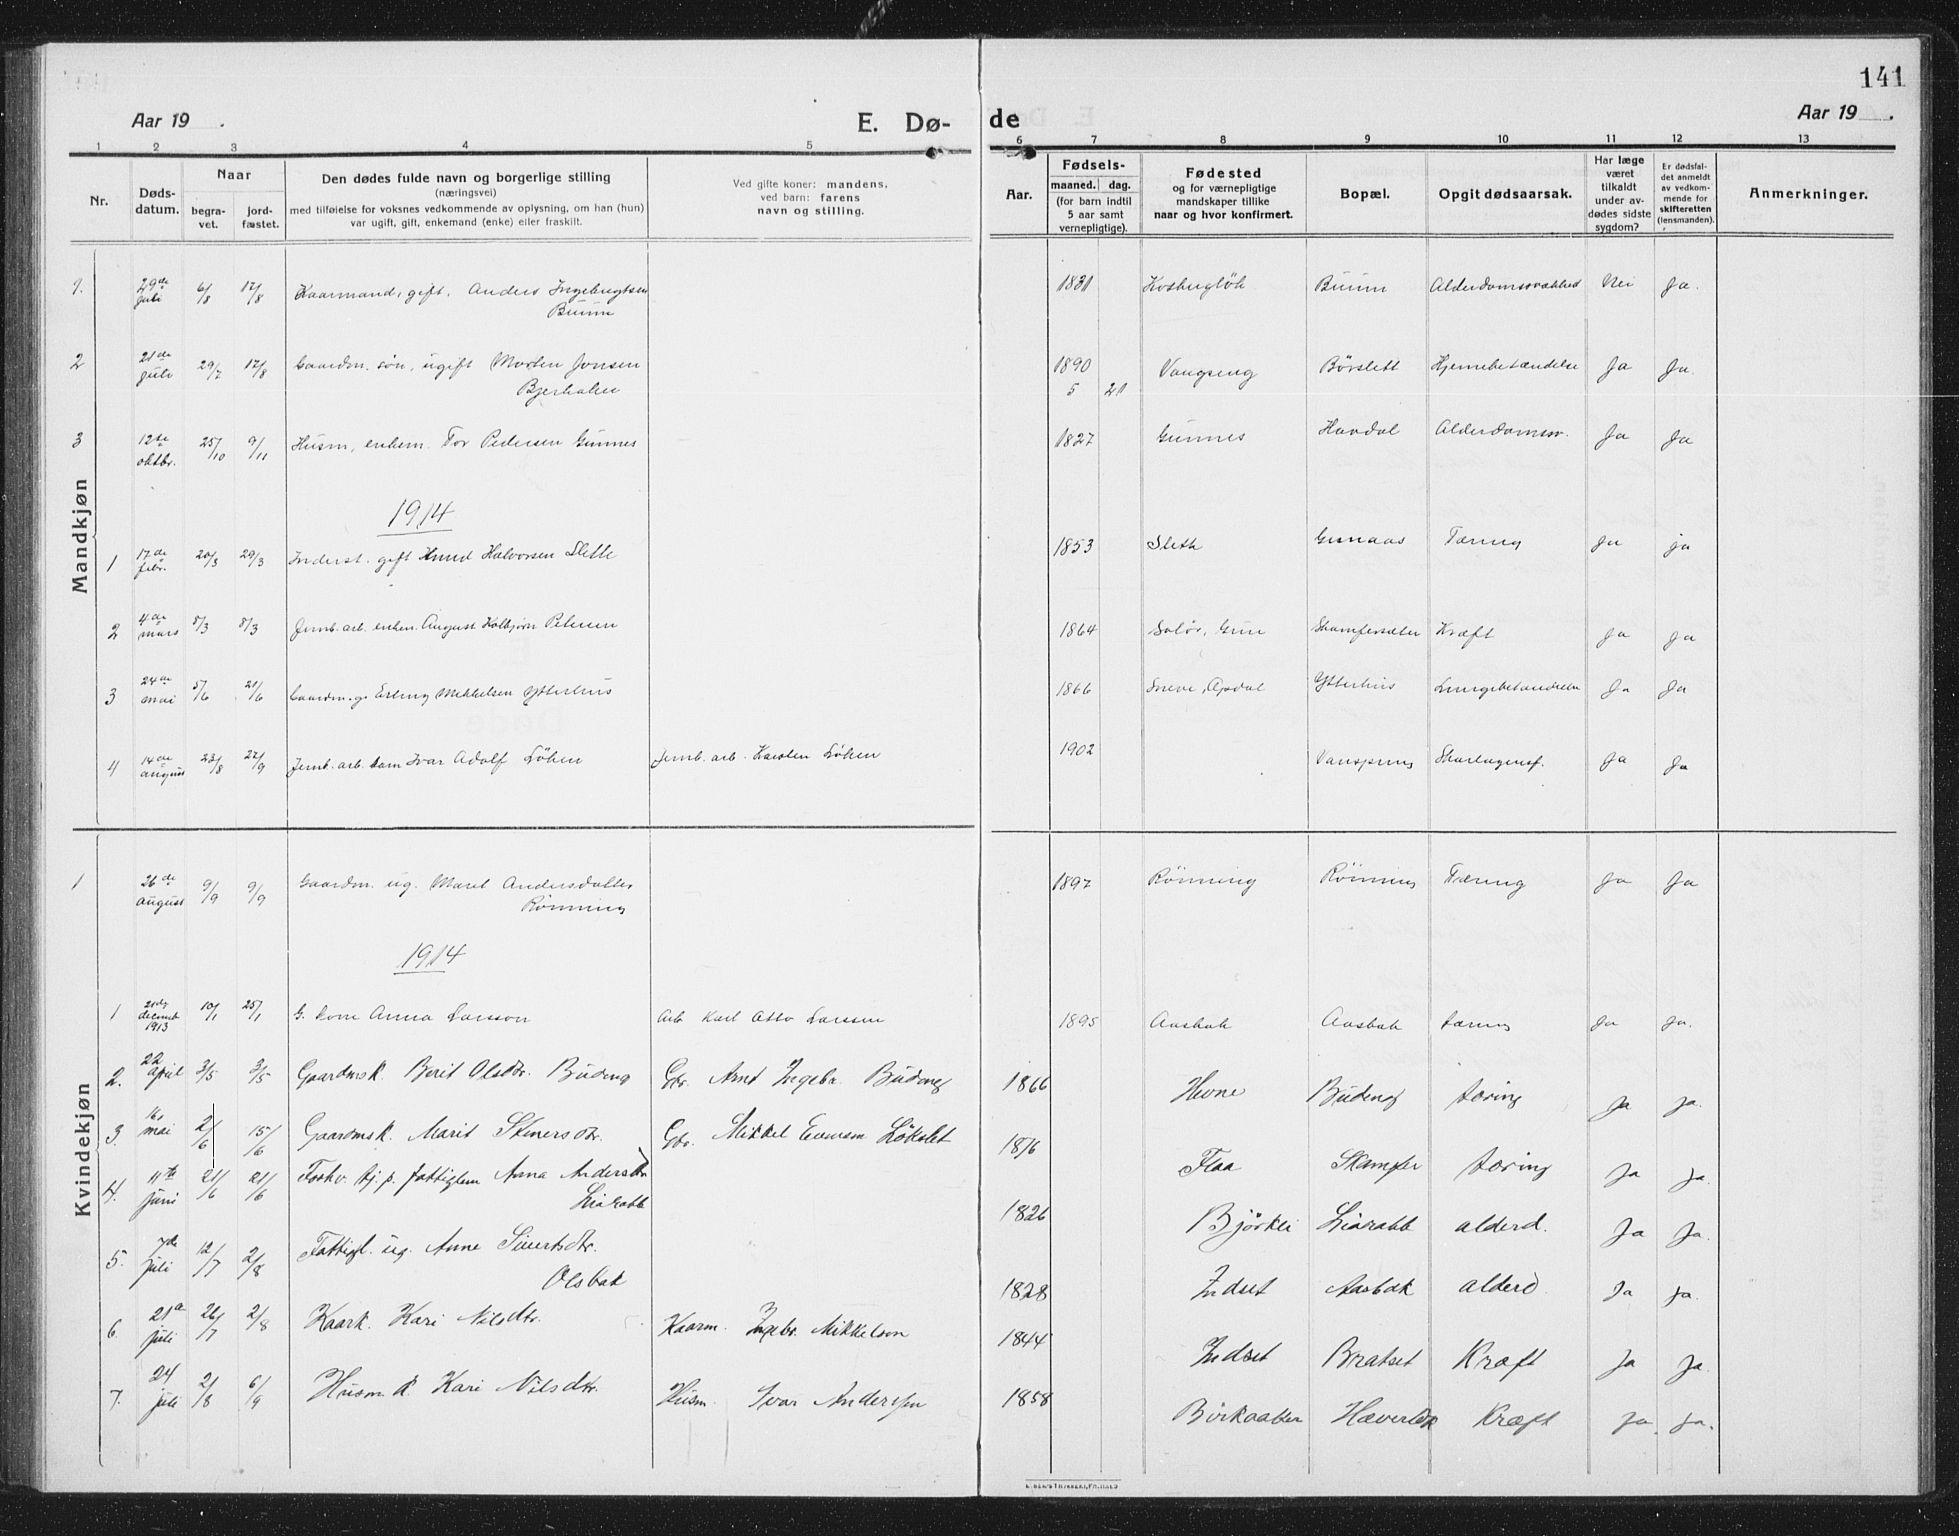 SAT, Ministerialprotokoller, klokkerbøker og fødselsregistre - Sør-Trøndelag, 675/L0888: Klokkerbok nr. 675C01, 1913-1935, s. 141